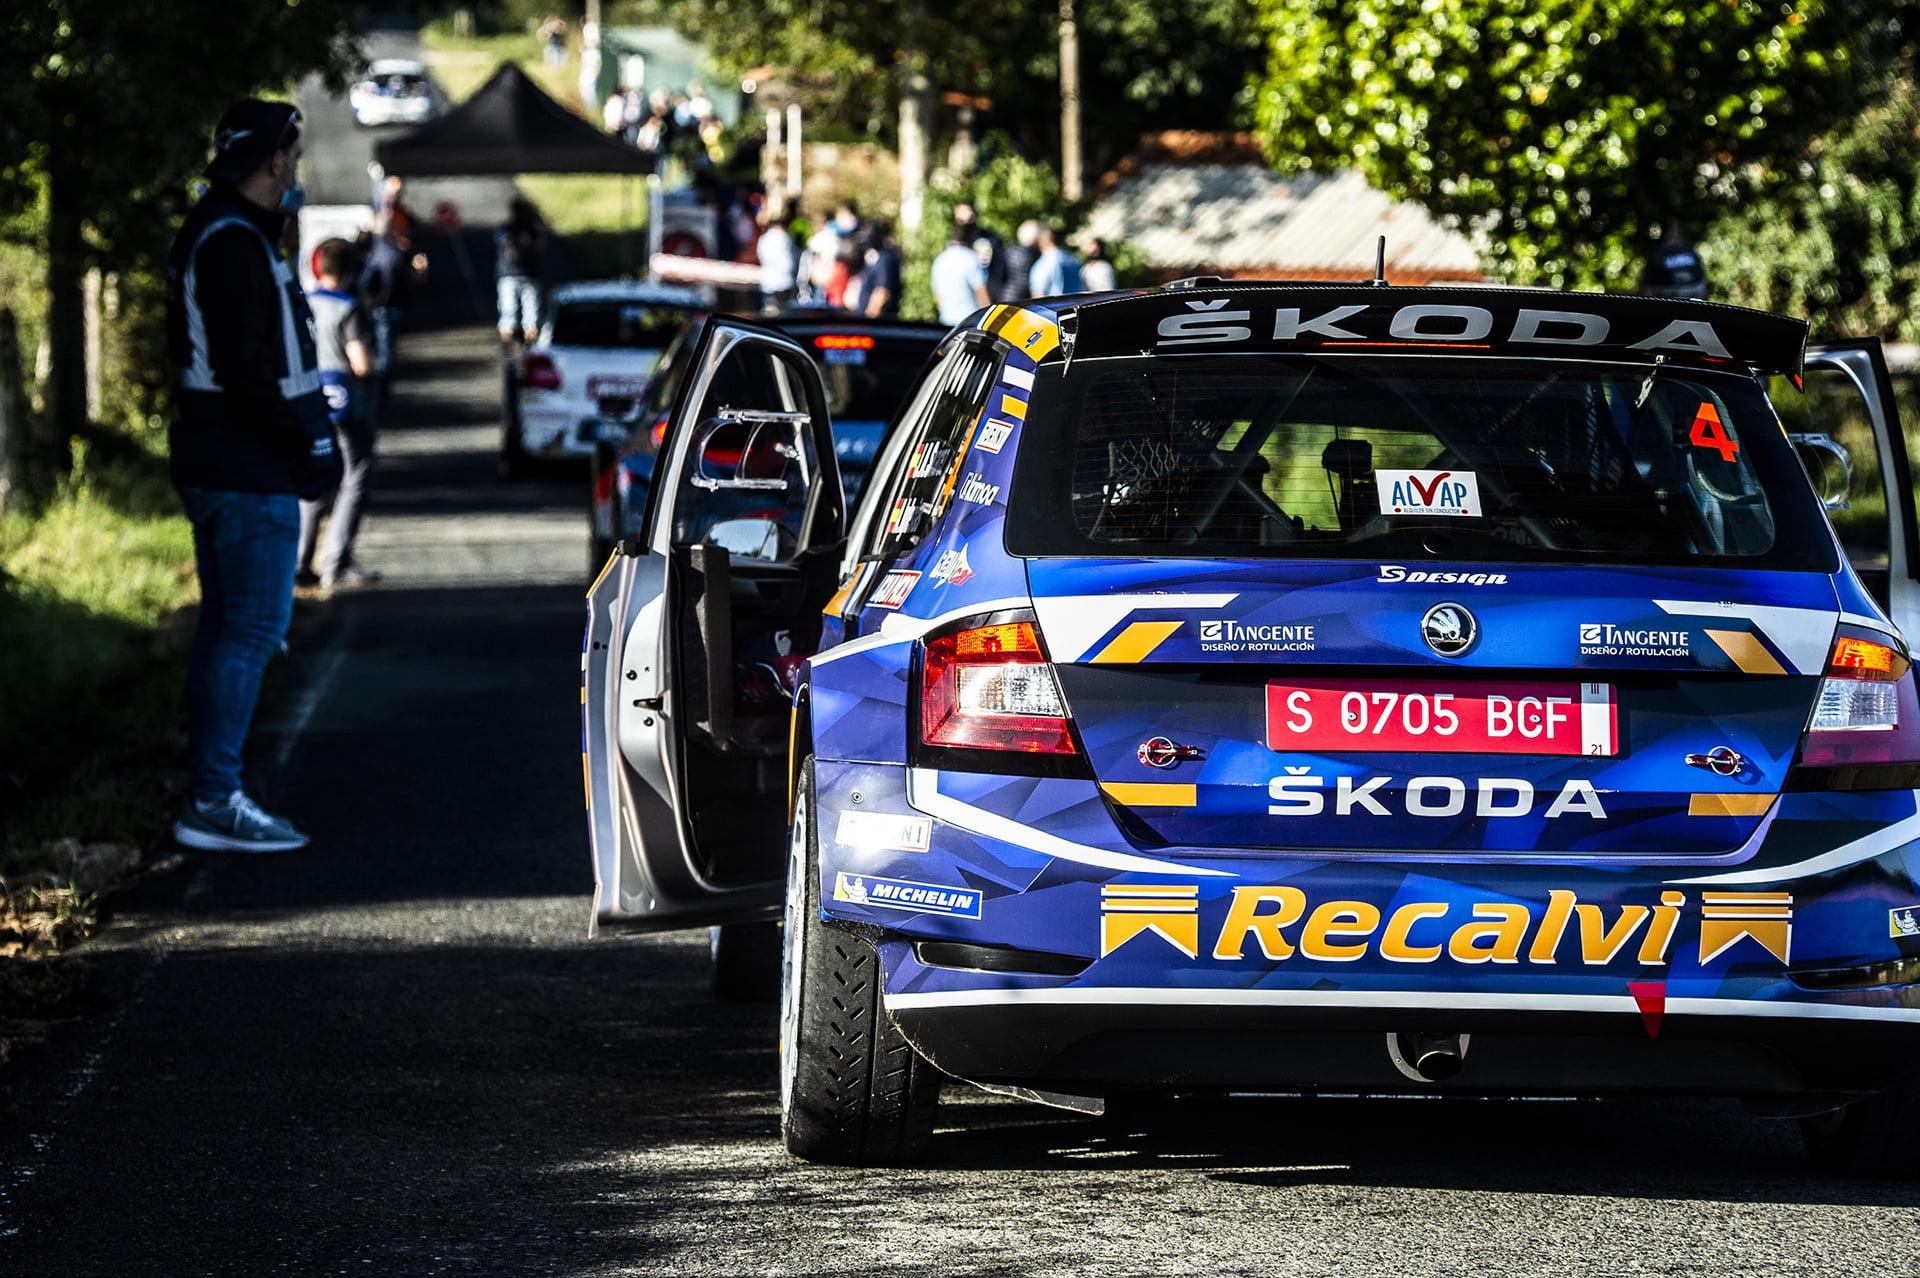 CERA Recalvi, es el nuevo nombre para el Nacional de Asfalto de Rallyes